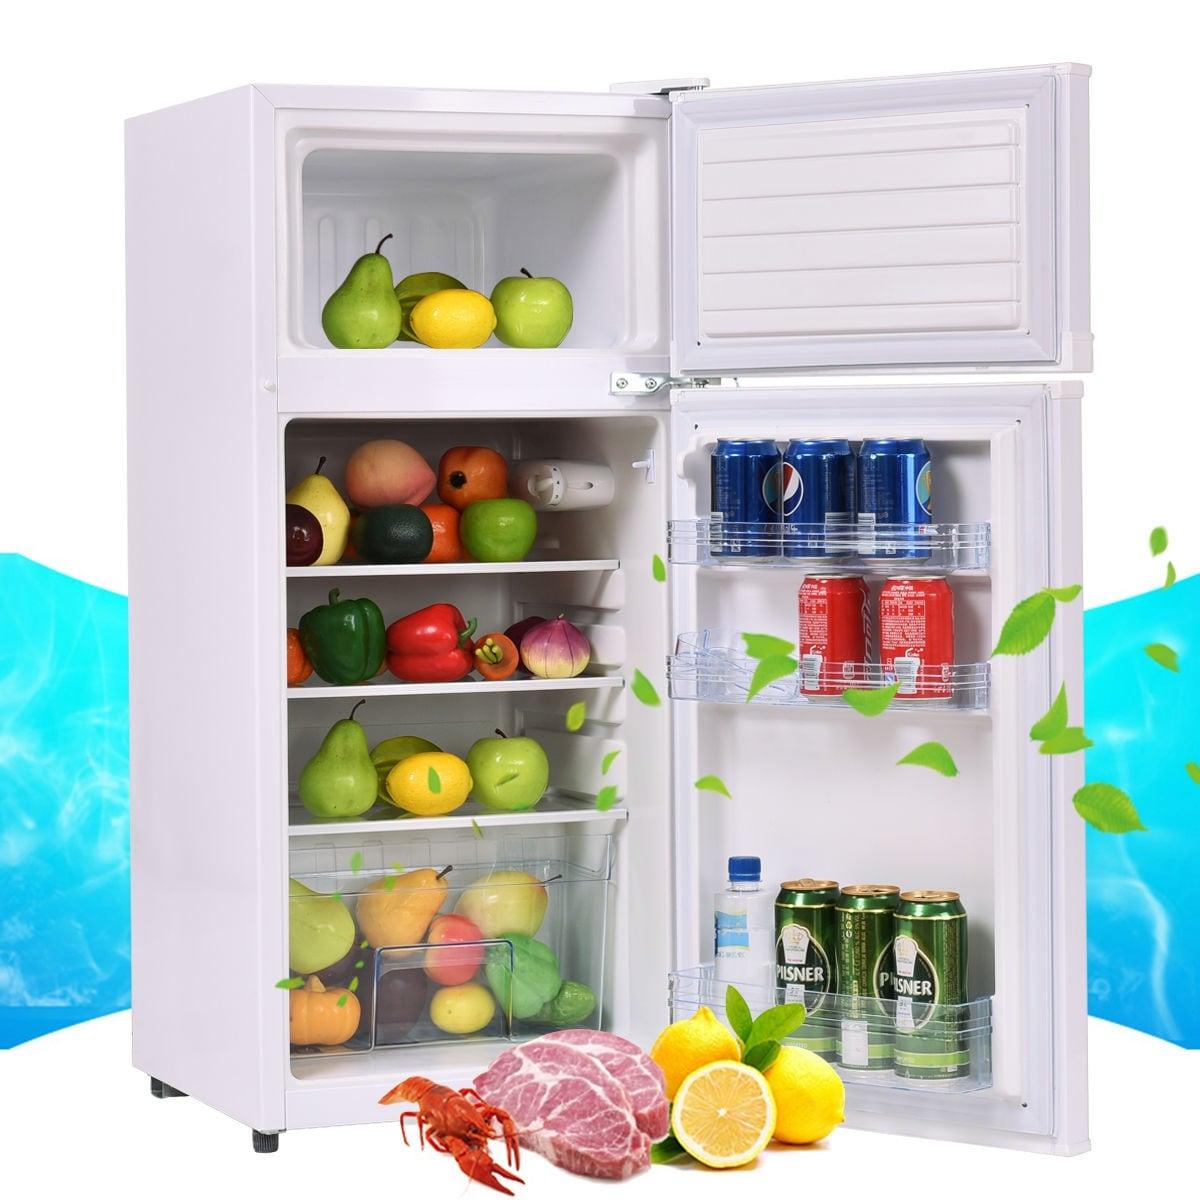 Costway 2 Doors 3 4 Cu Ft Unit Compact Mini Refrigerator Freezer Overstock 27201335